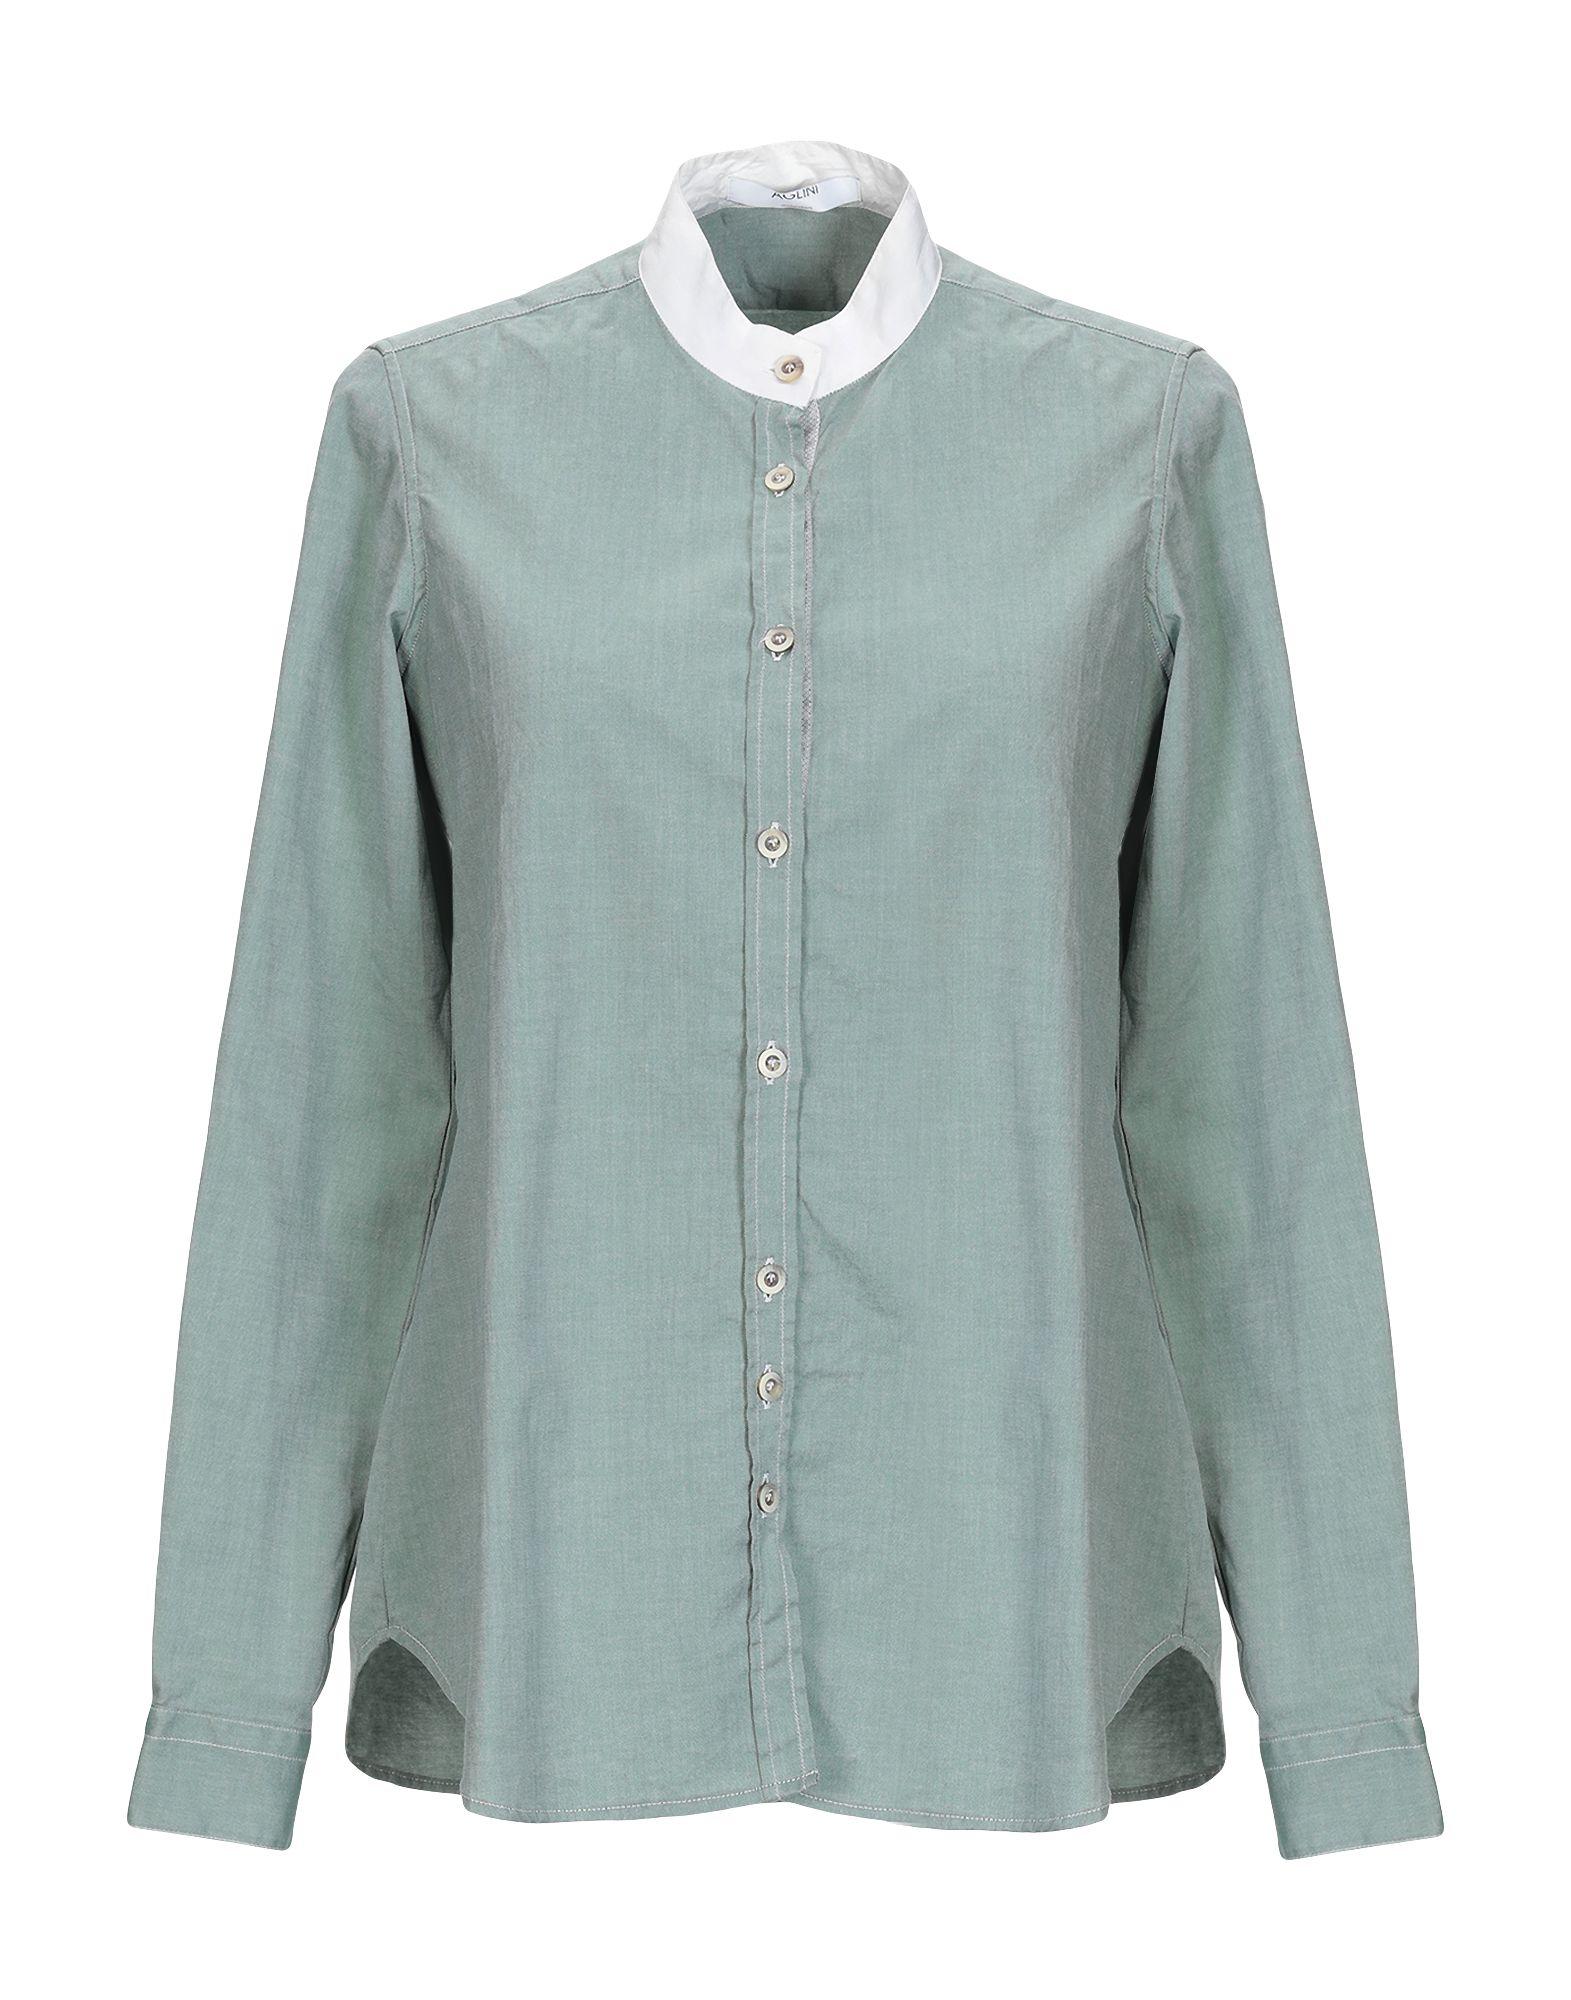 Camicie  E bluse Fantasia Aglini donna - 38798149NI 38798149NI 38798149NI 3eb